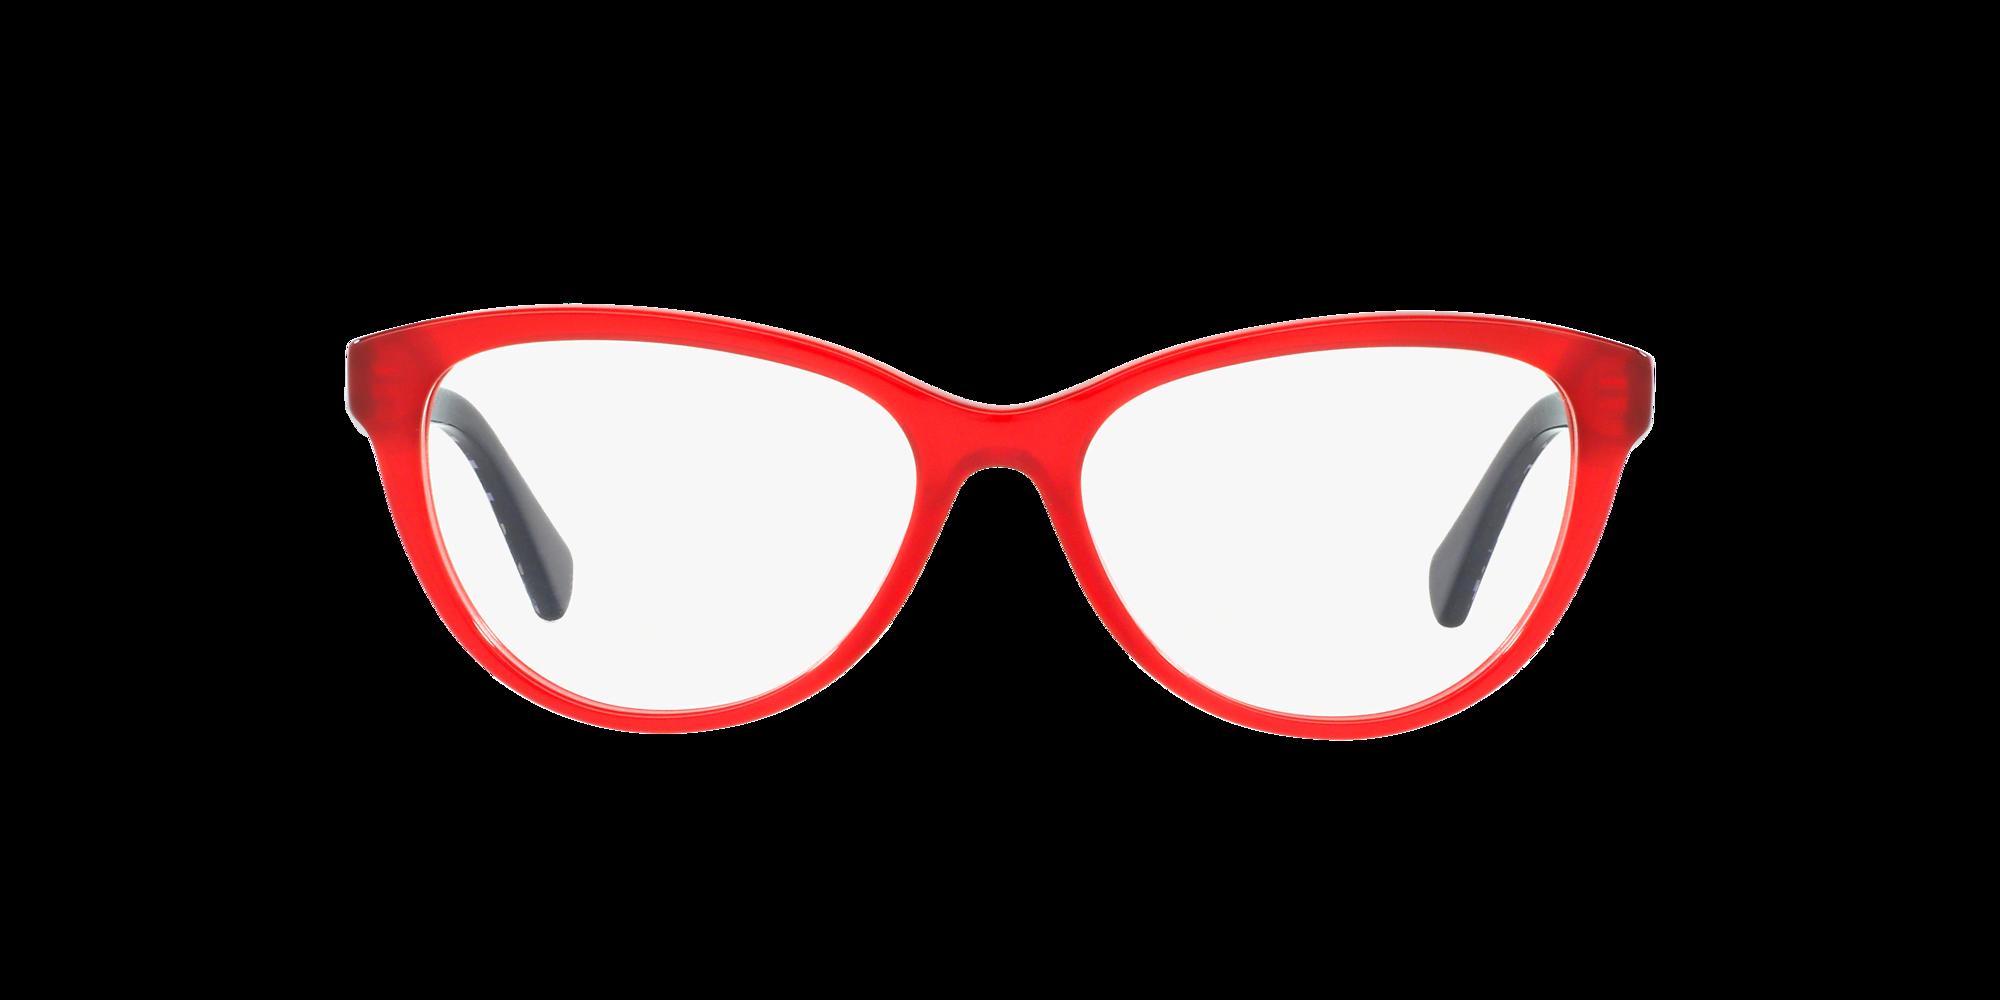 Imagen para RA7075 de LensCrafters |  Espejuelos, espejuelos graduados en línea, gafas